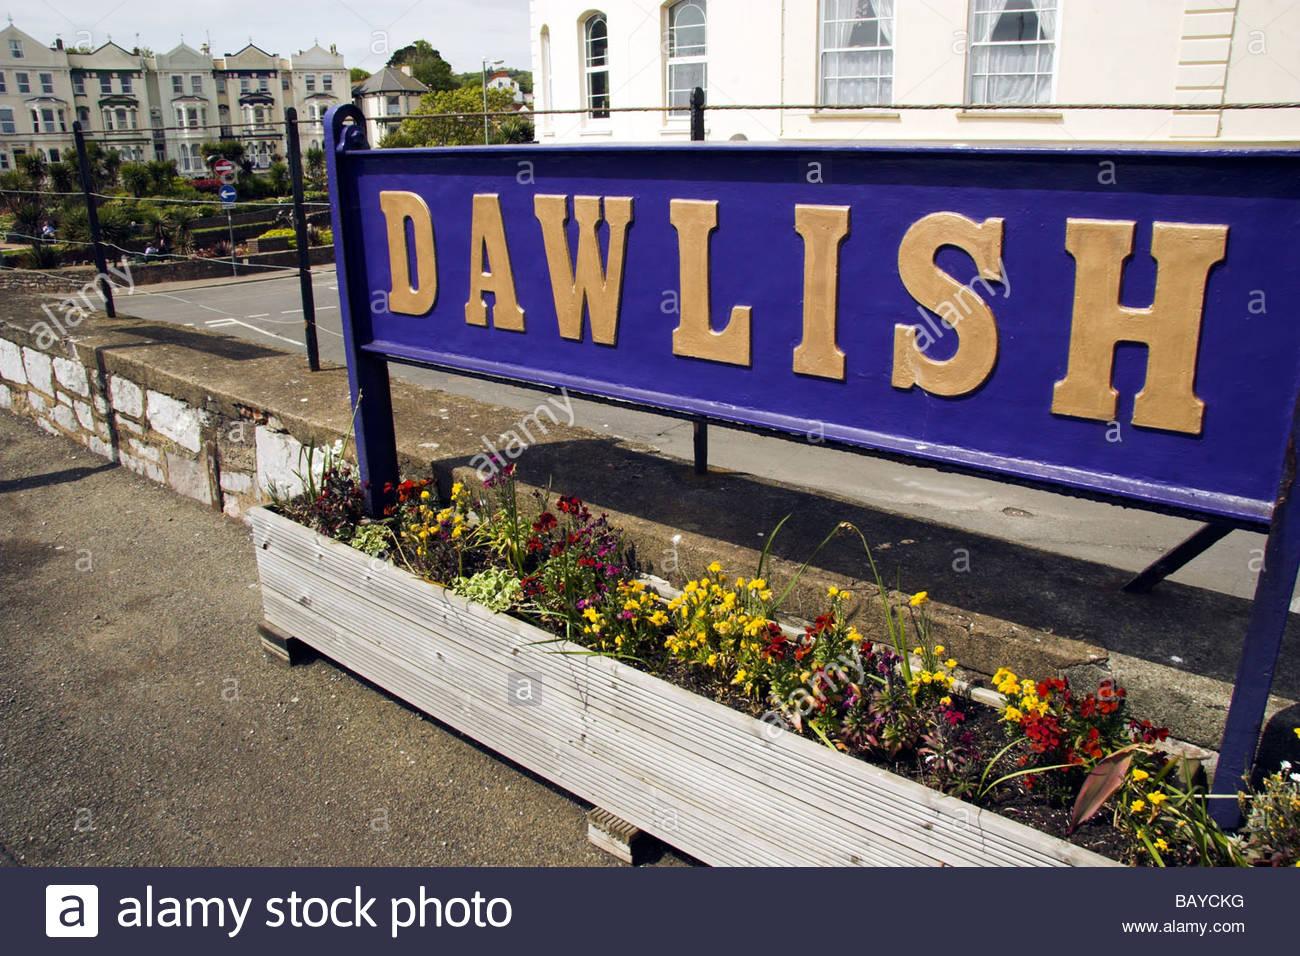 'Dawlish' railway station sign, Devon, England, UK. - Stock Image